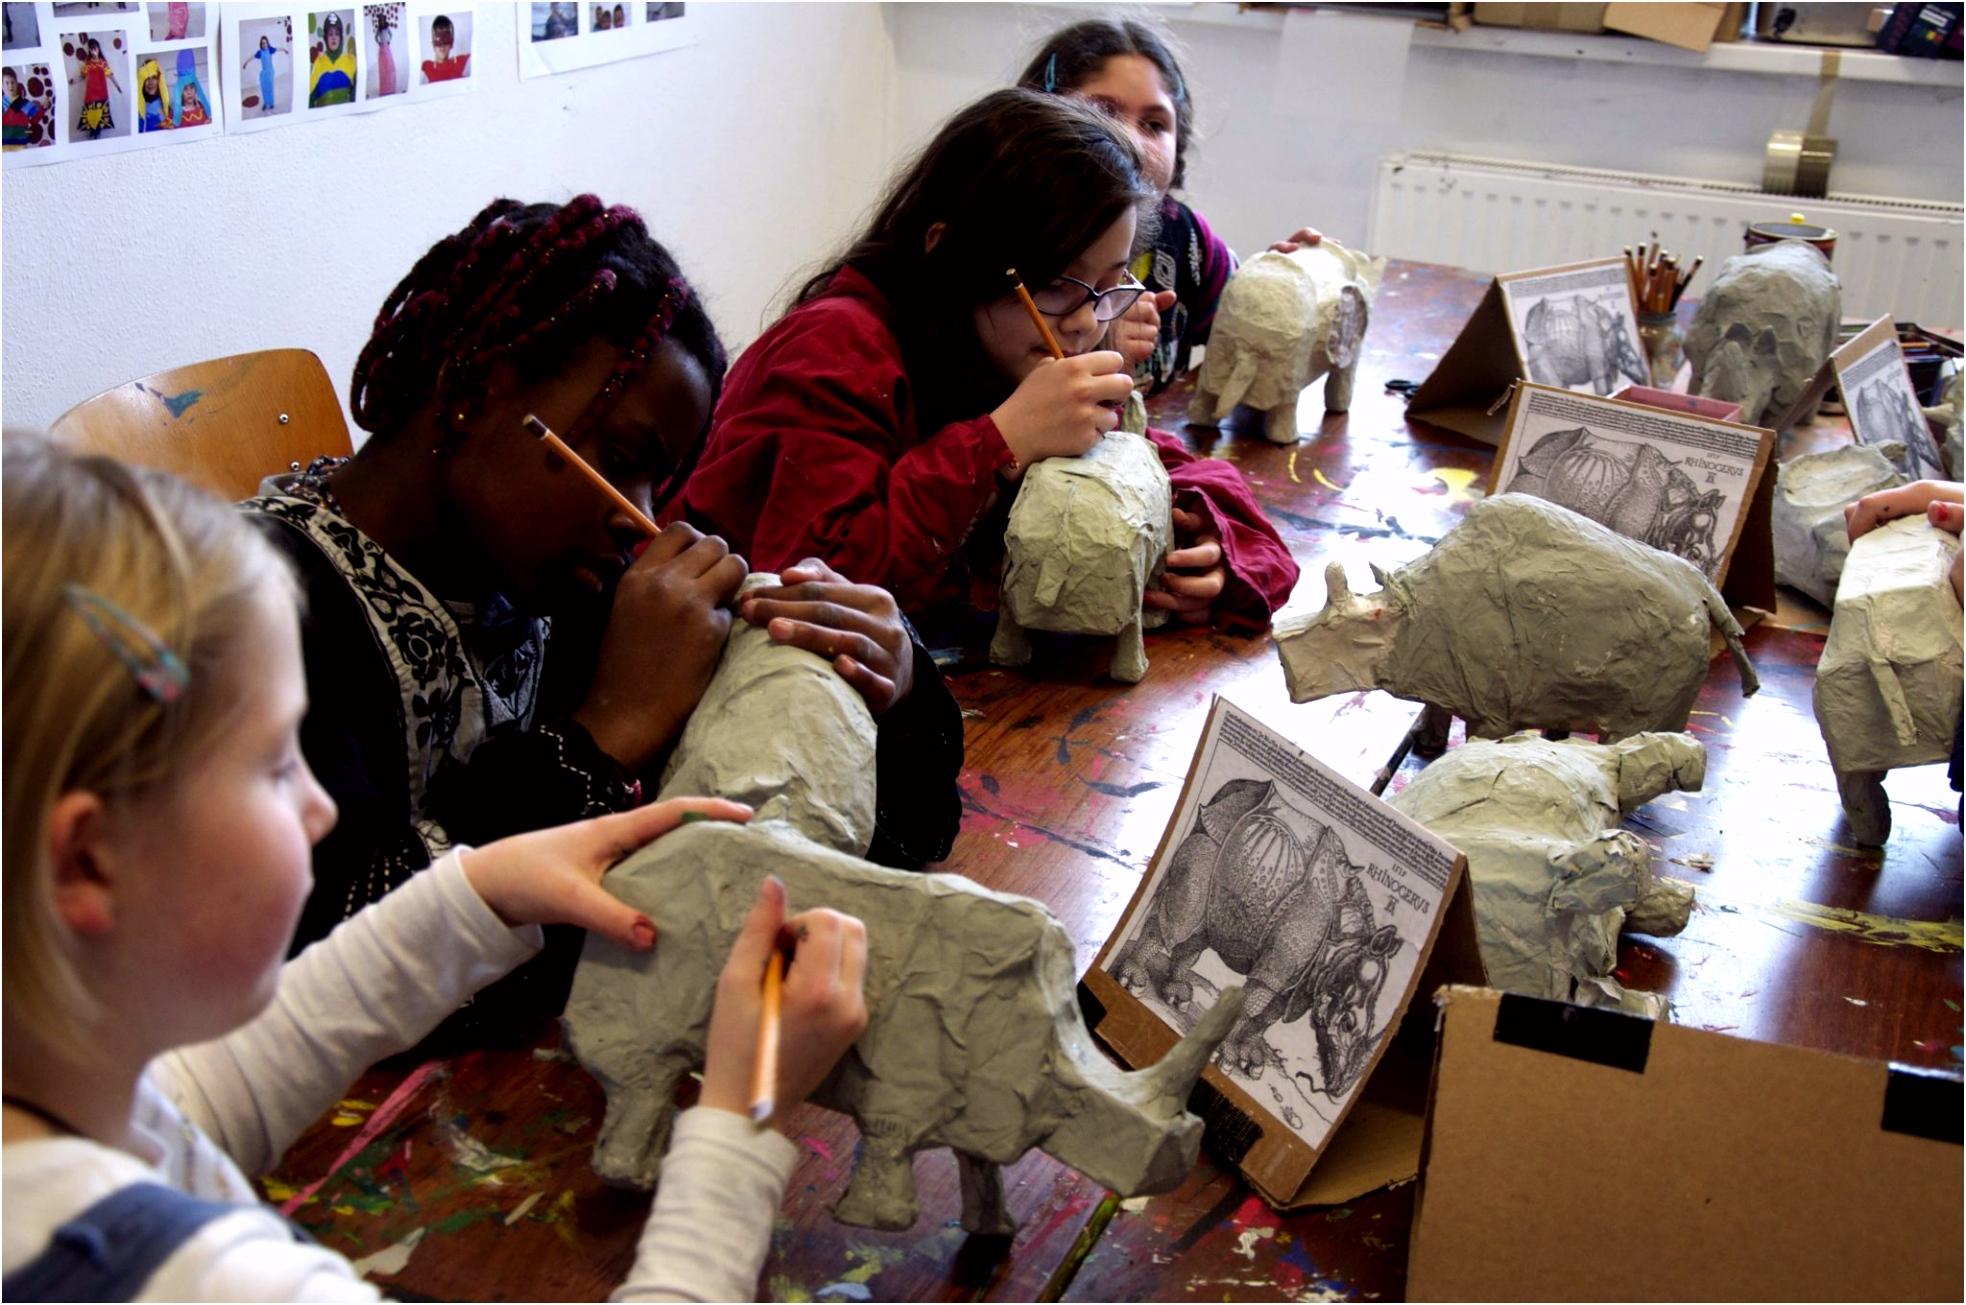 Durer Rhinozeros Grundschule Vorlage Schule Laemmersieth – Seite 16 – Schule Lämmersieth O5ue27clm4 F0uk46hyi2